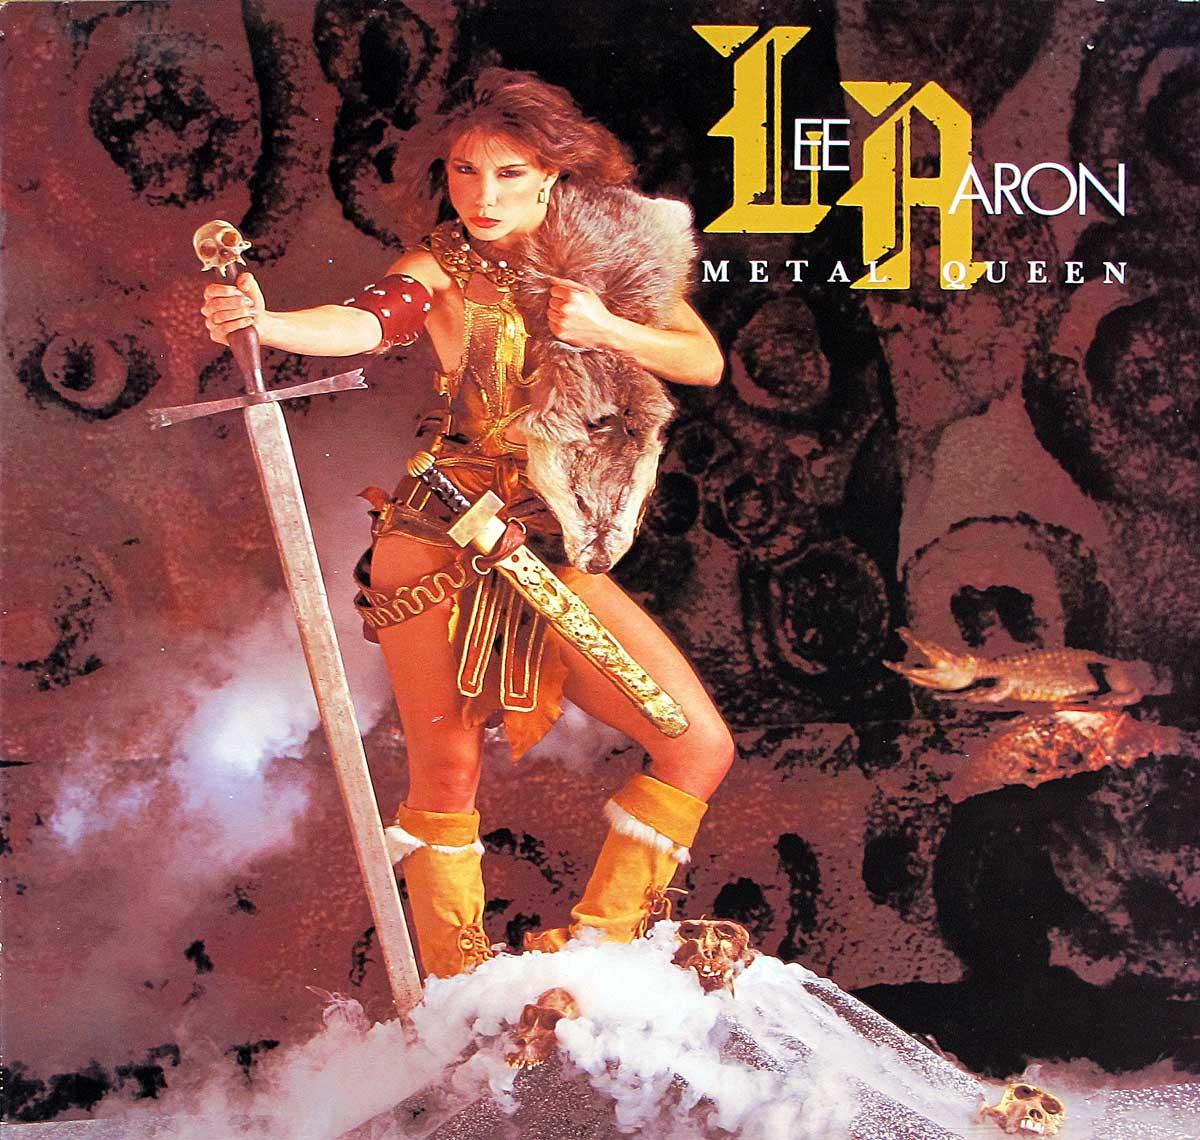 large photo of the album front cover of: LEE AARON Metal Queen ROADRUNNER